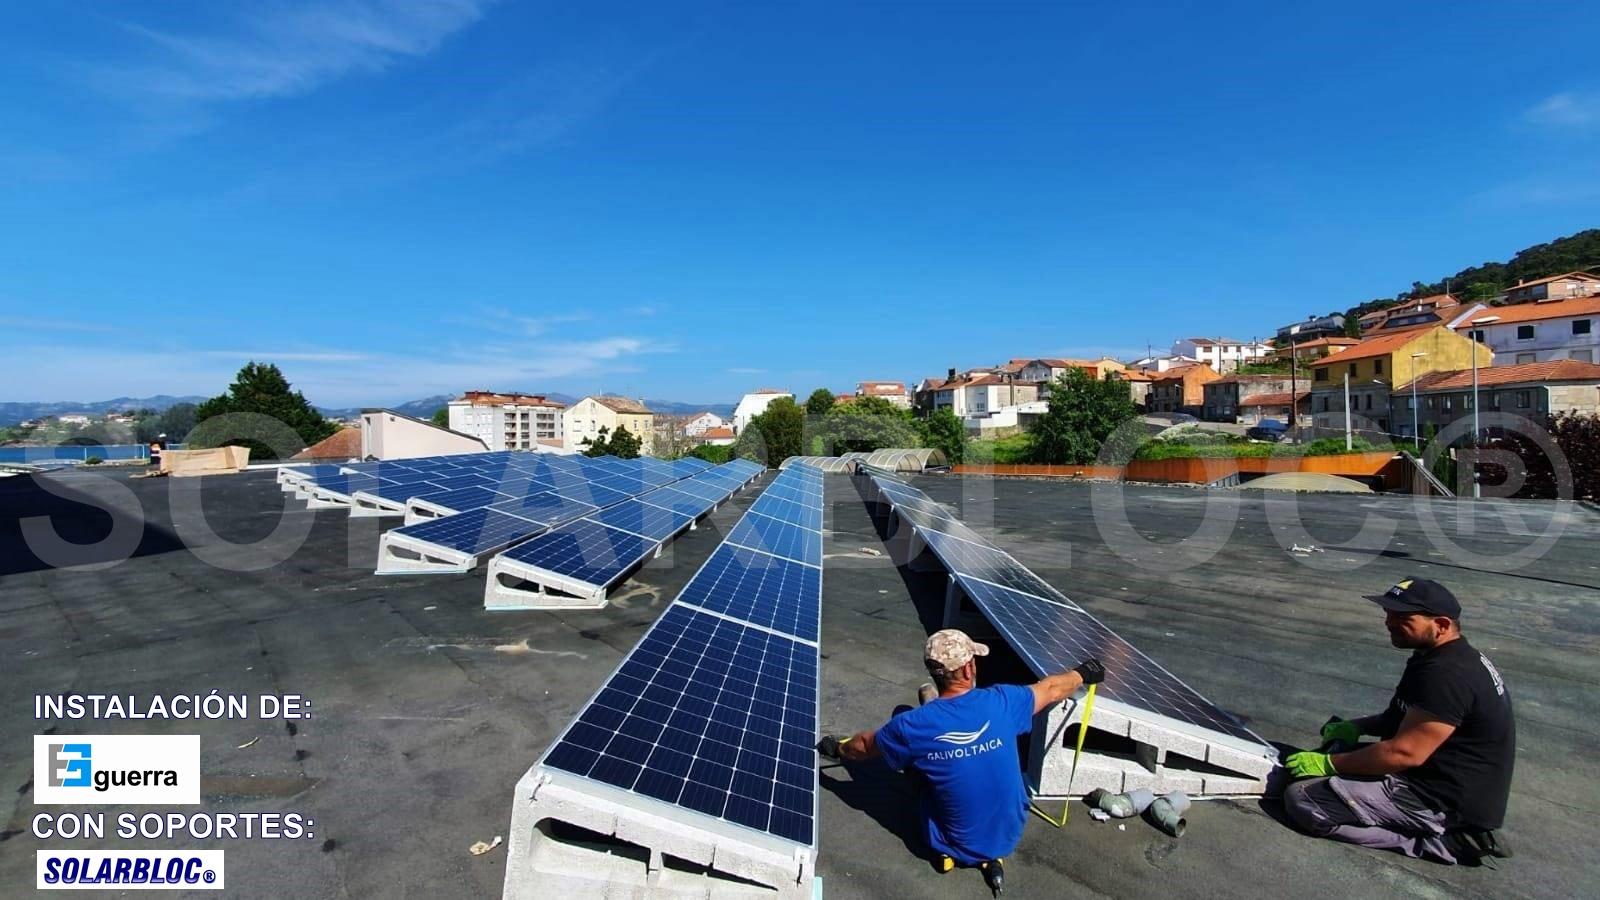 Soportes placa solar GUERRA SOLARBLOC